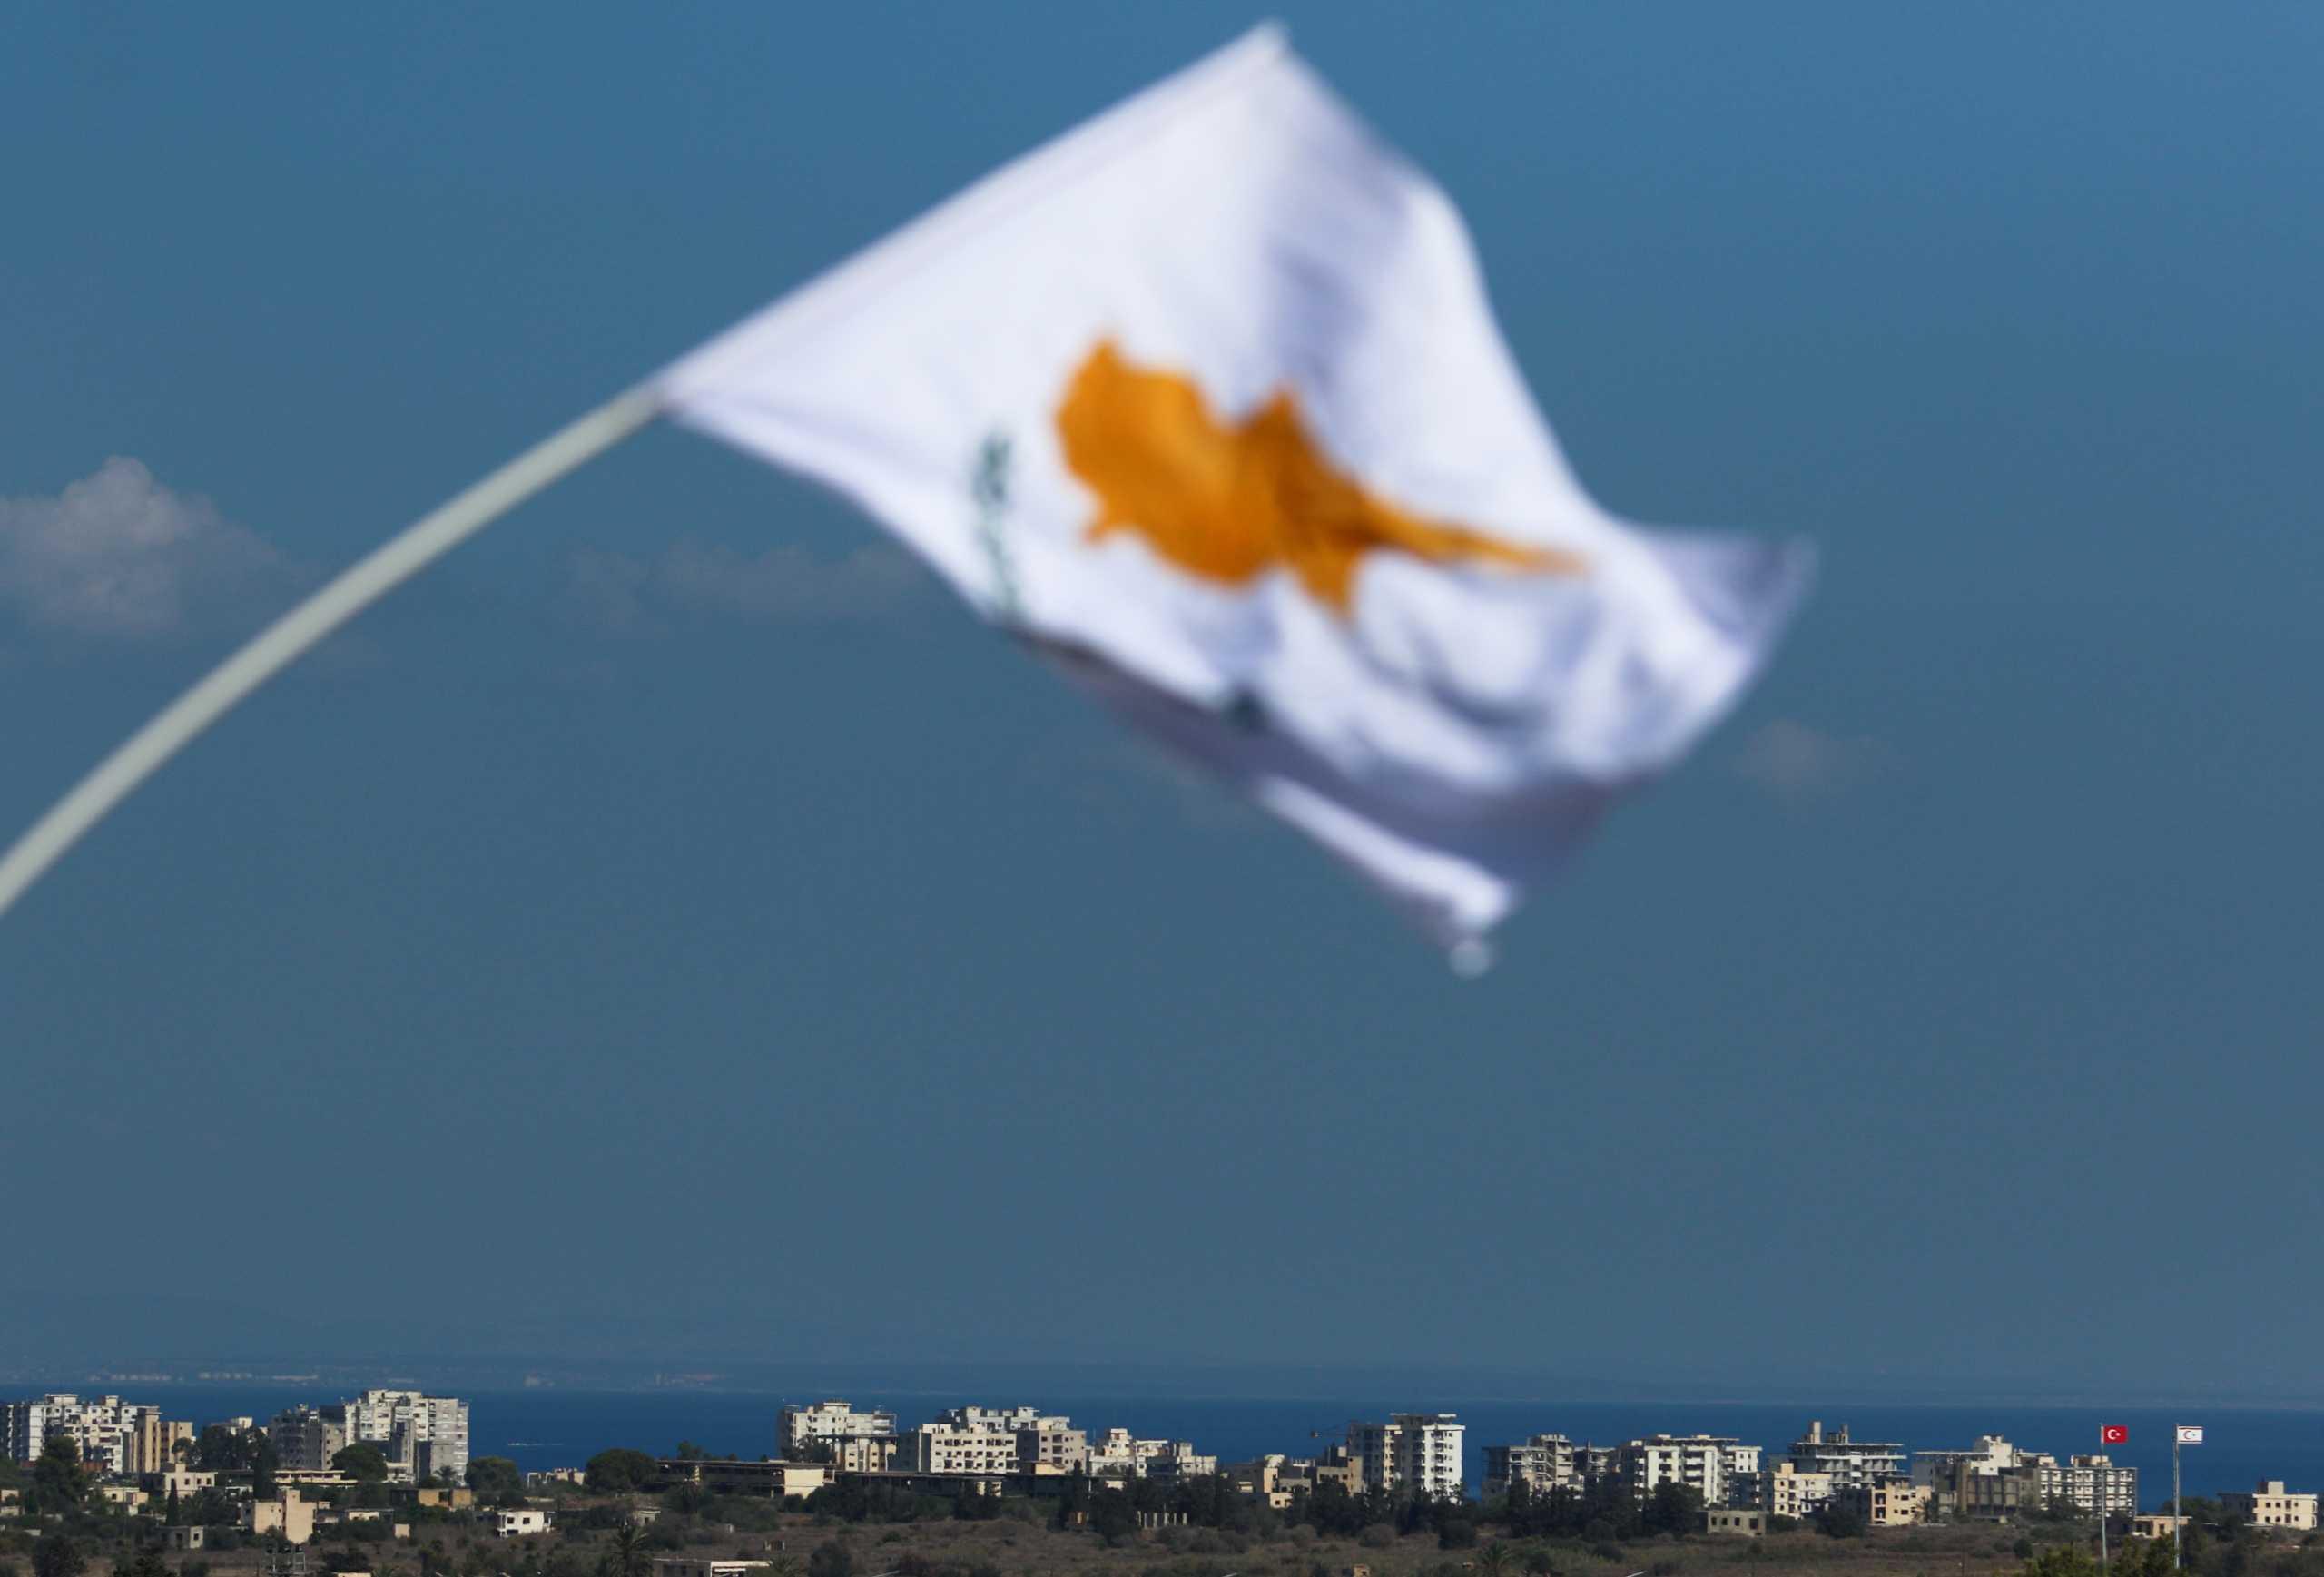 Κυπριακό: Ενάντια στη λύση συνομοσπονδίας το Ηνωμένο Βασίλειο